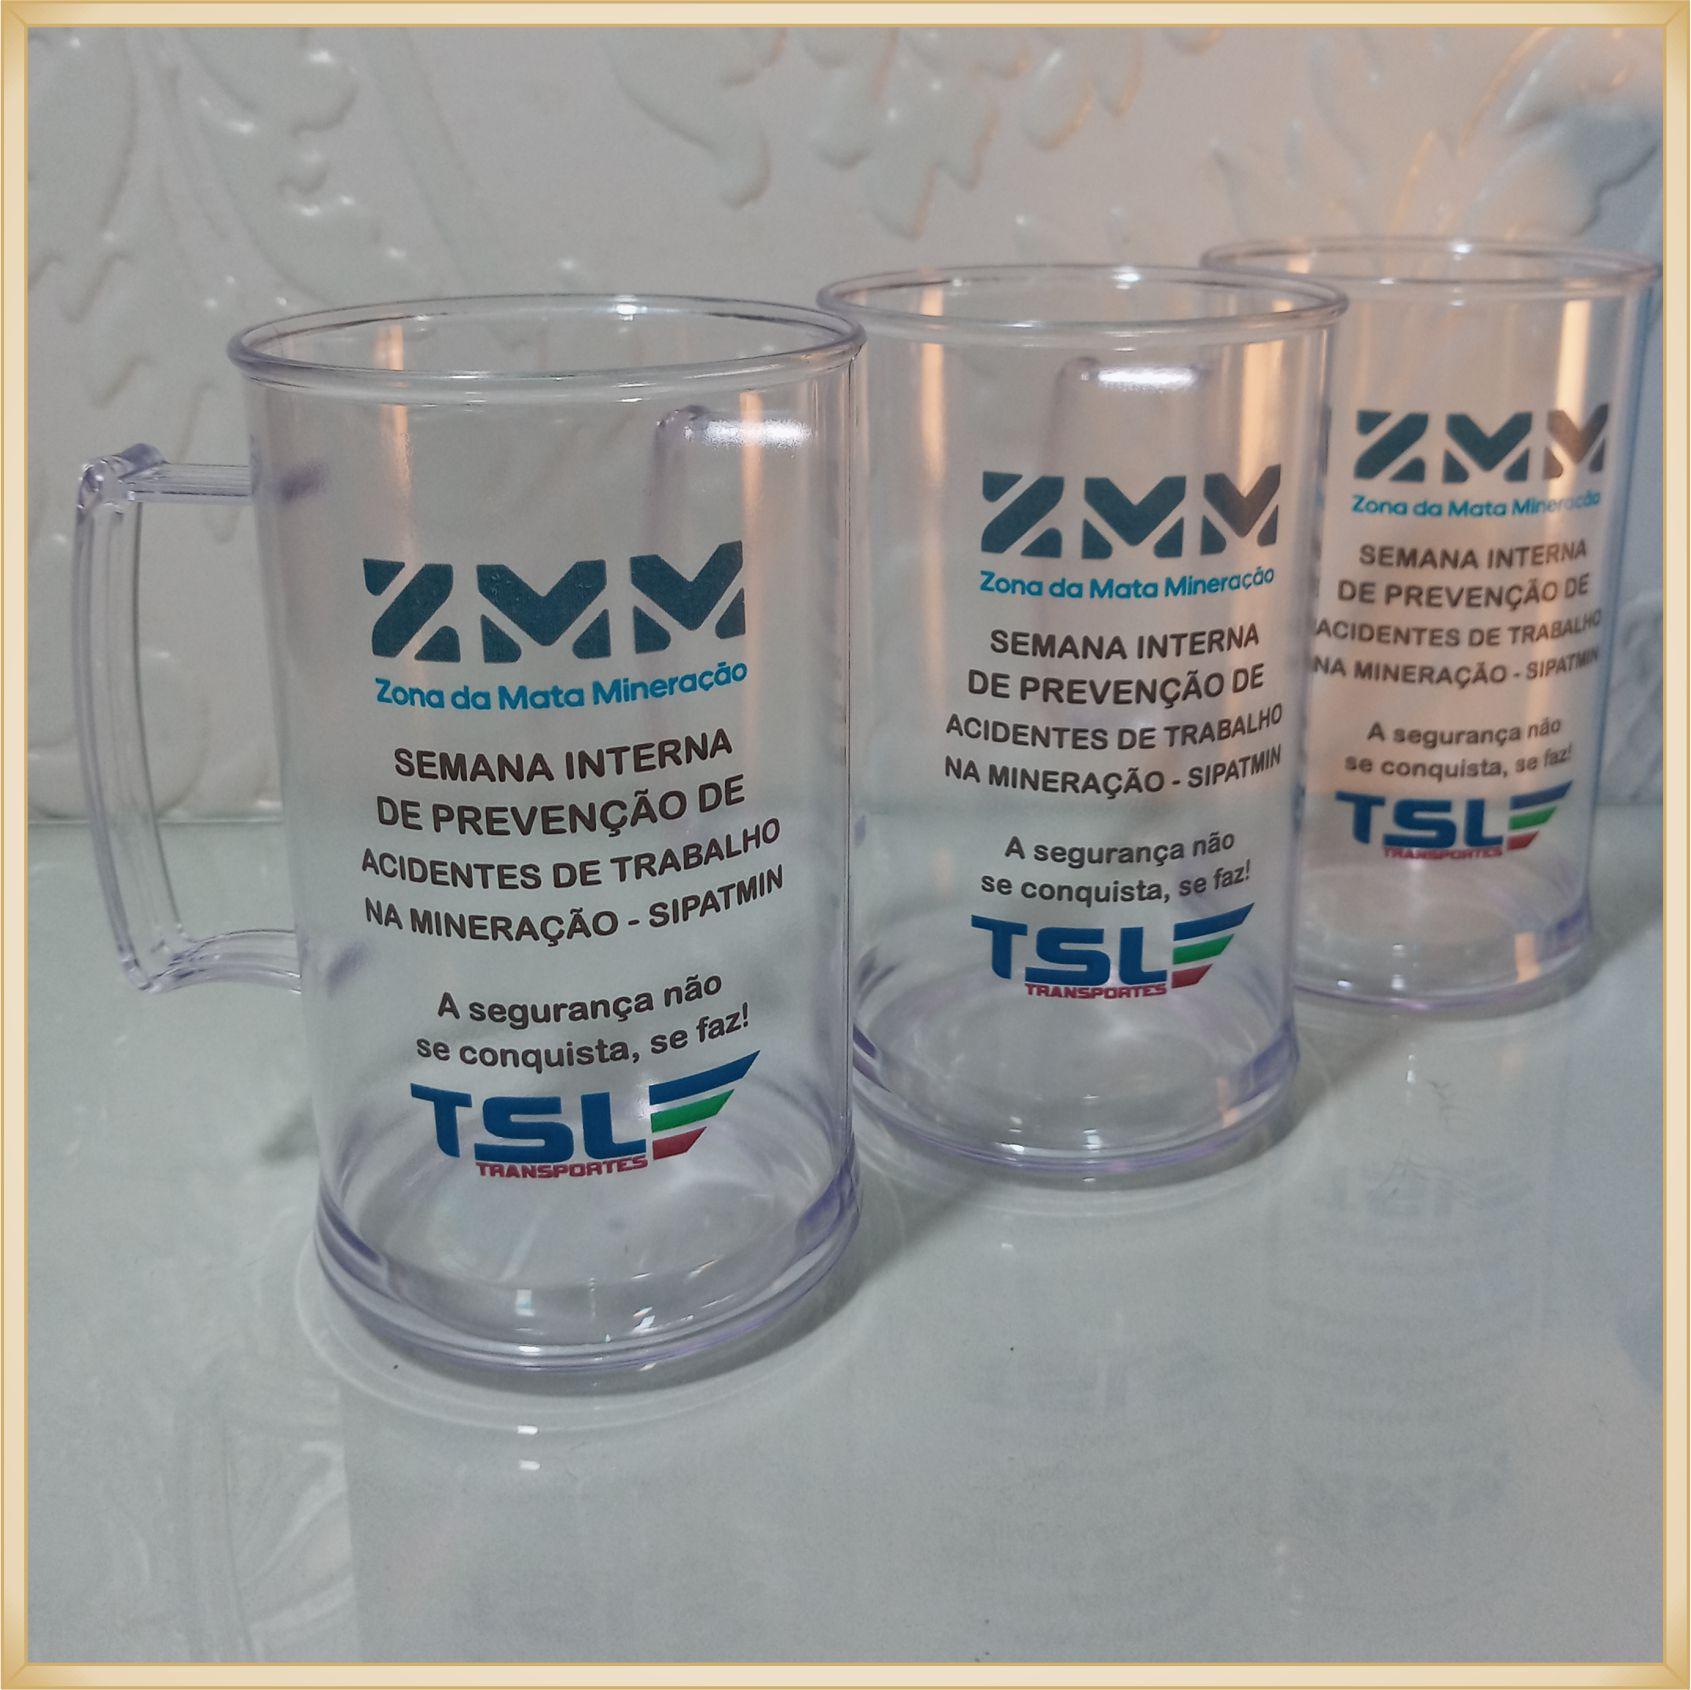 Canecas de acrílico personalizadas para empresas - alta qualidade, acabamento perfeito, parede de 2,5 mm, material atóxico, 300 ml - kit 30 unidades